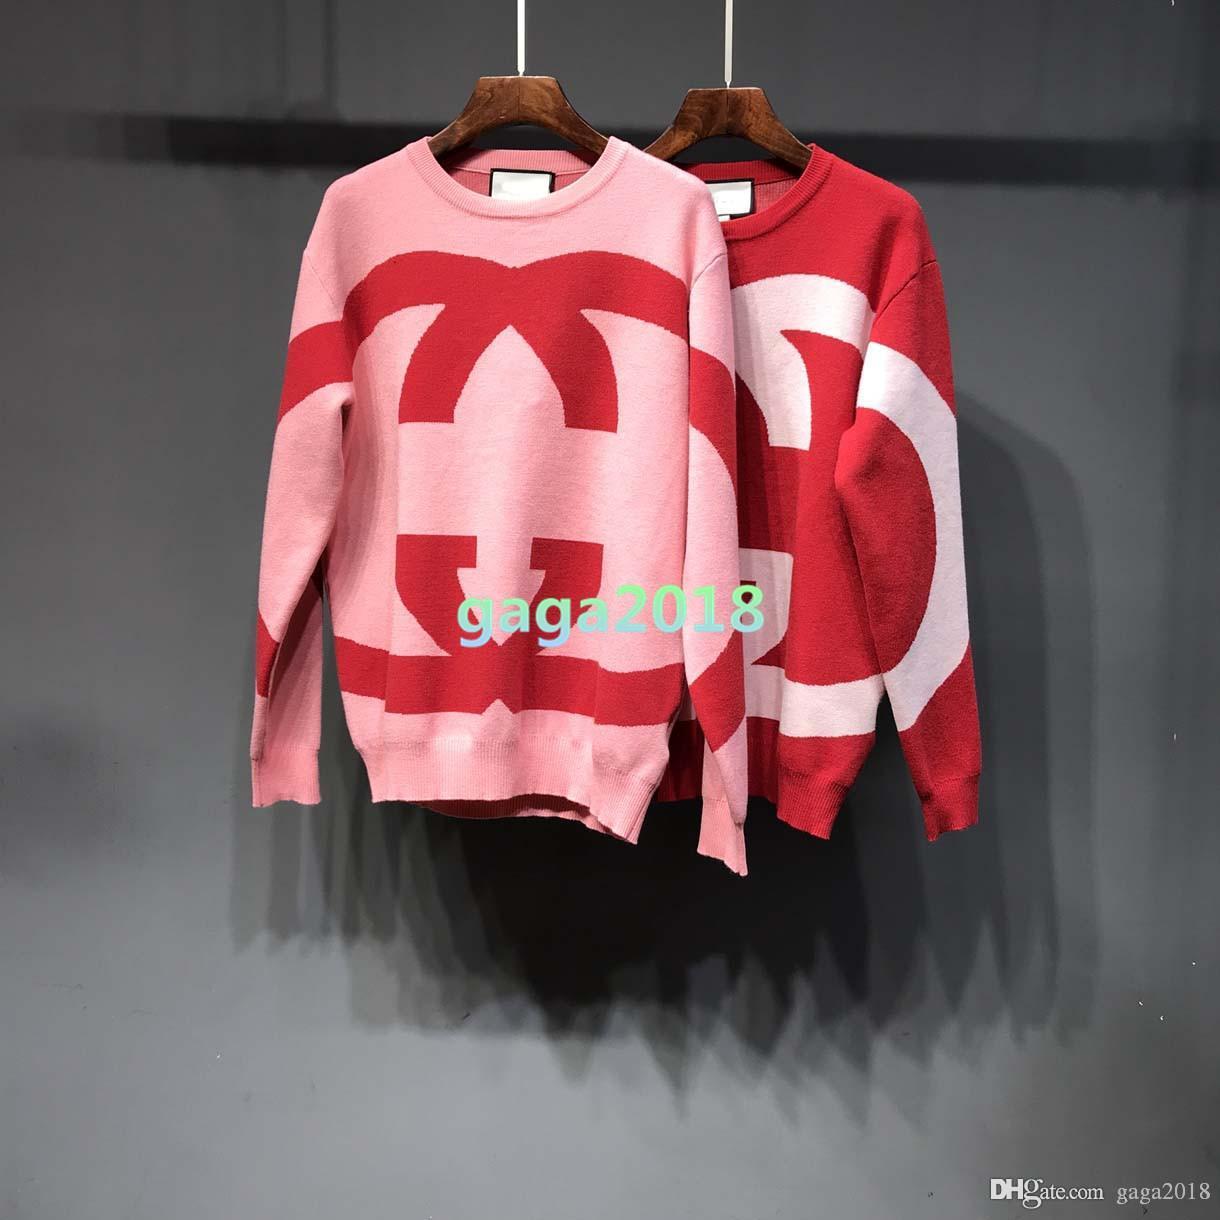 الراقية للمرأة الفتيات قميص طويل الأكمام سترة أعلى بلوزة معطف قميص الجاكار سترة الرقبة جولة البلوز قمصان دافئة بلوزة قمم أحمر